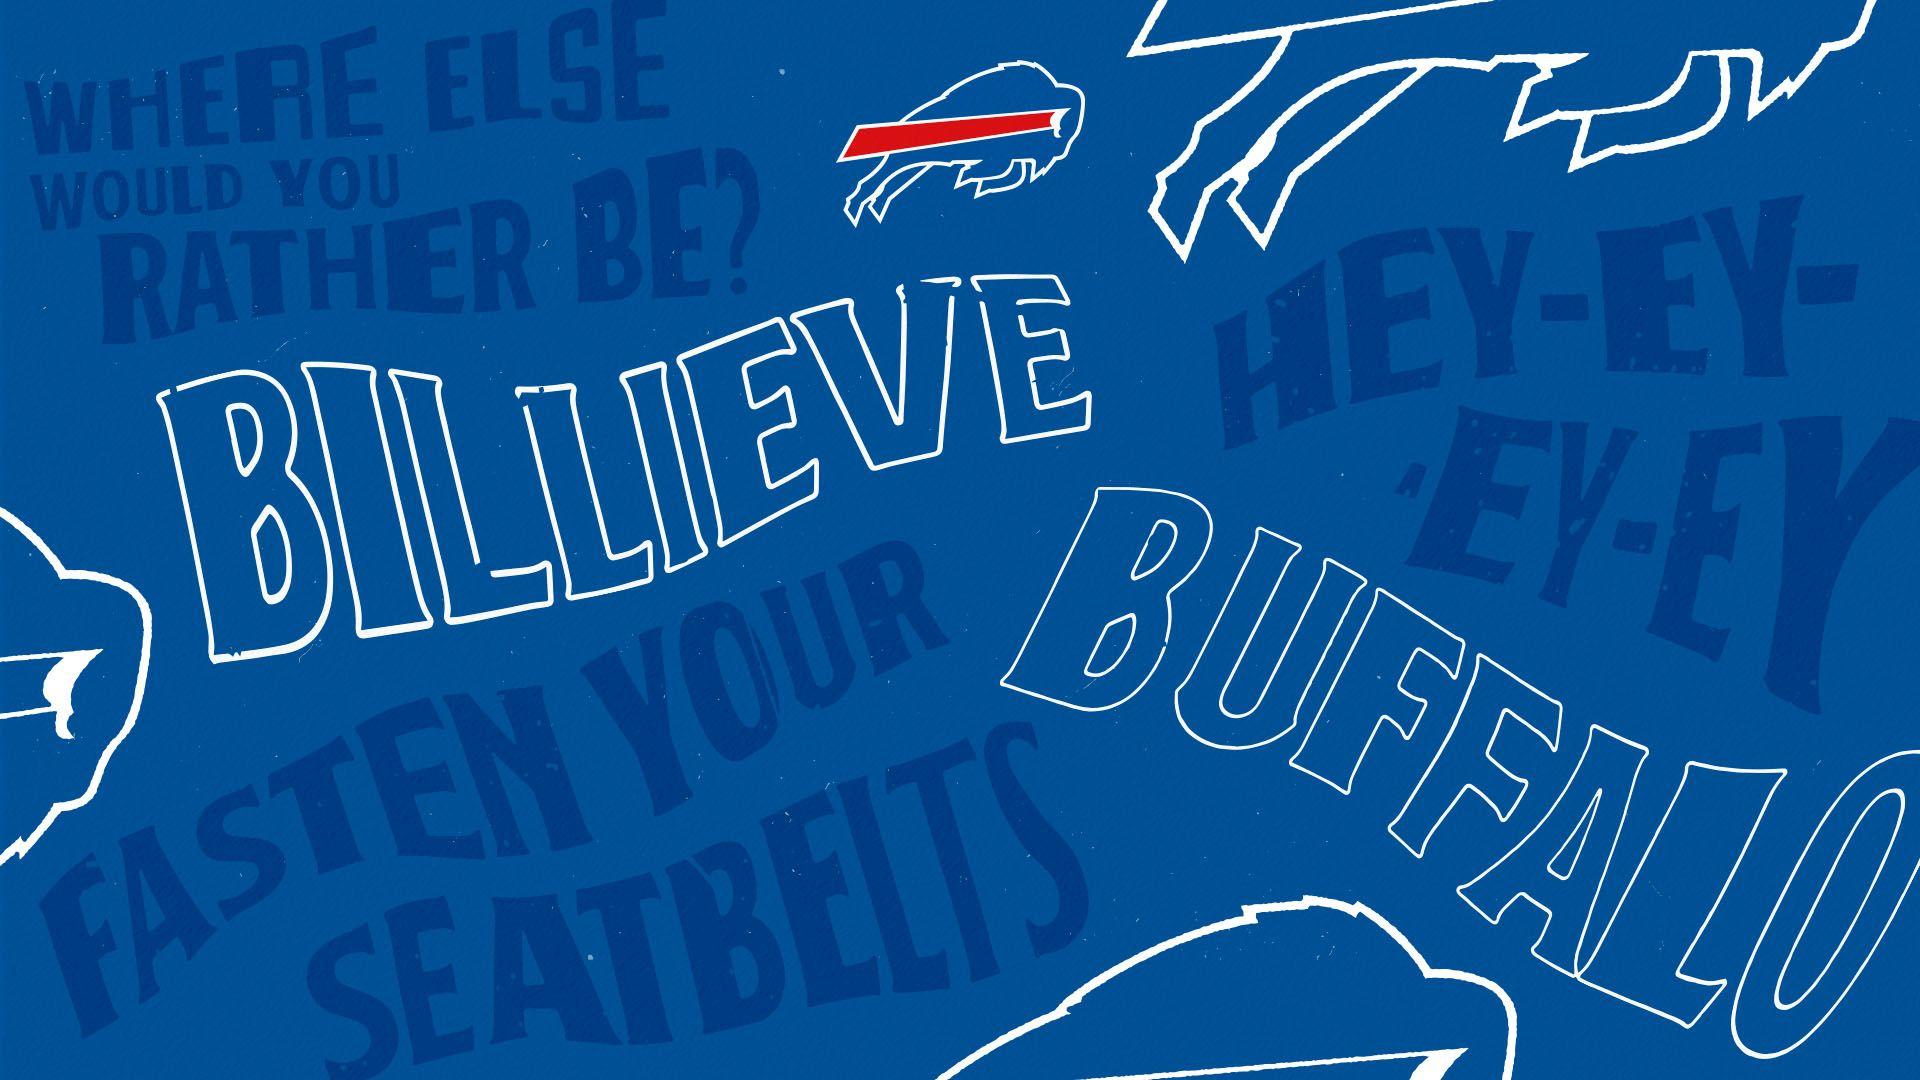 BBS-02562_-_Buffalo_Bills_Wallpapers_SP1_1920x1080